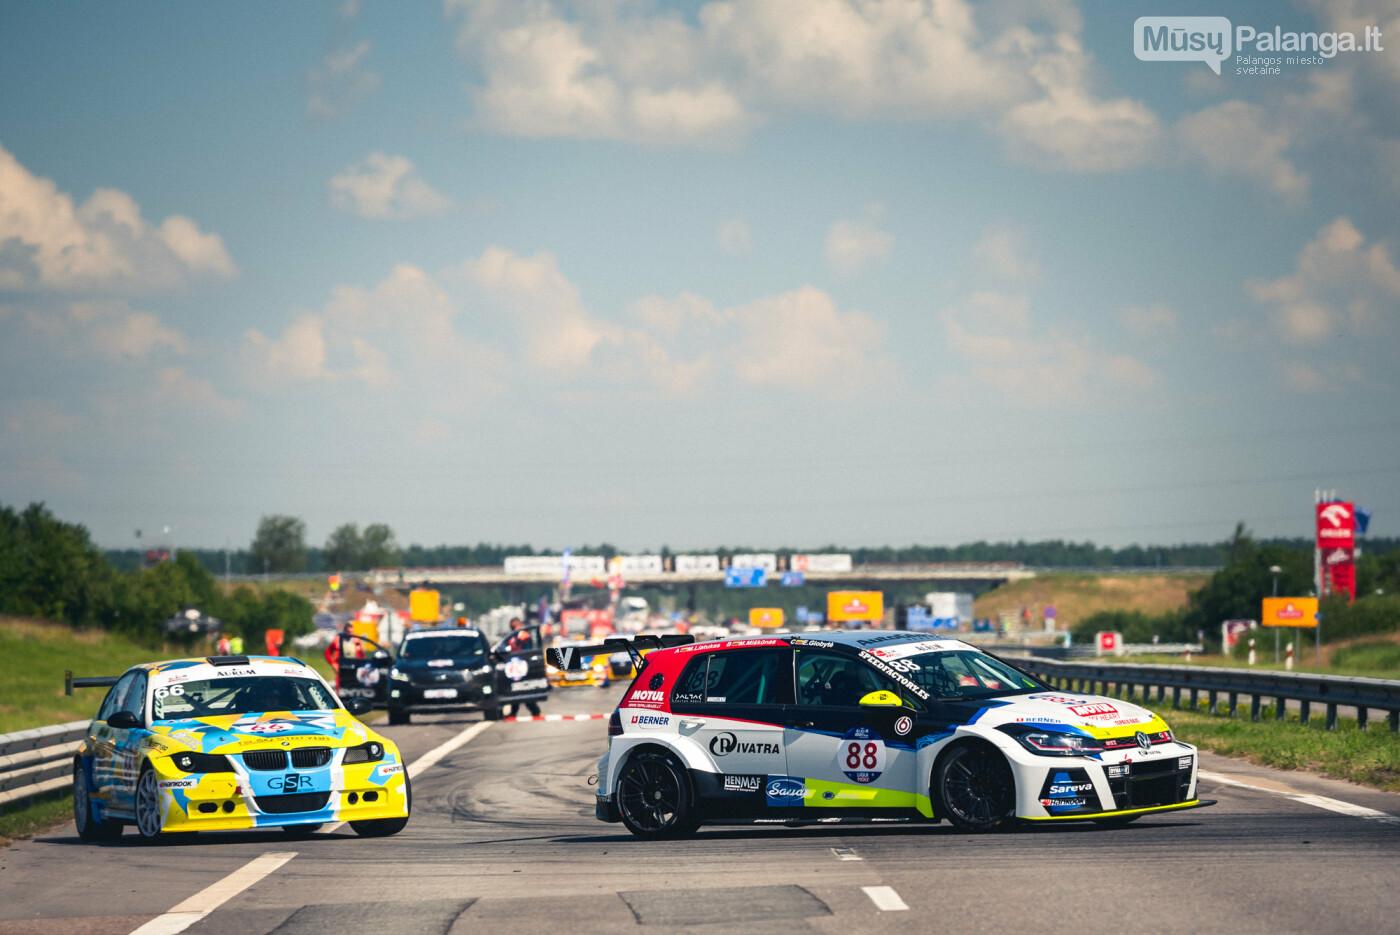 """Įpusėjo """"Aurum 1006 km lenktynės"""", nuotrauka-9, Vytauto PILKAUSKO ir Arno STRUMILOS nuotr."""